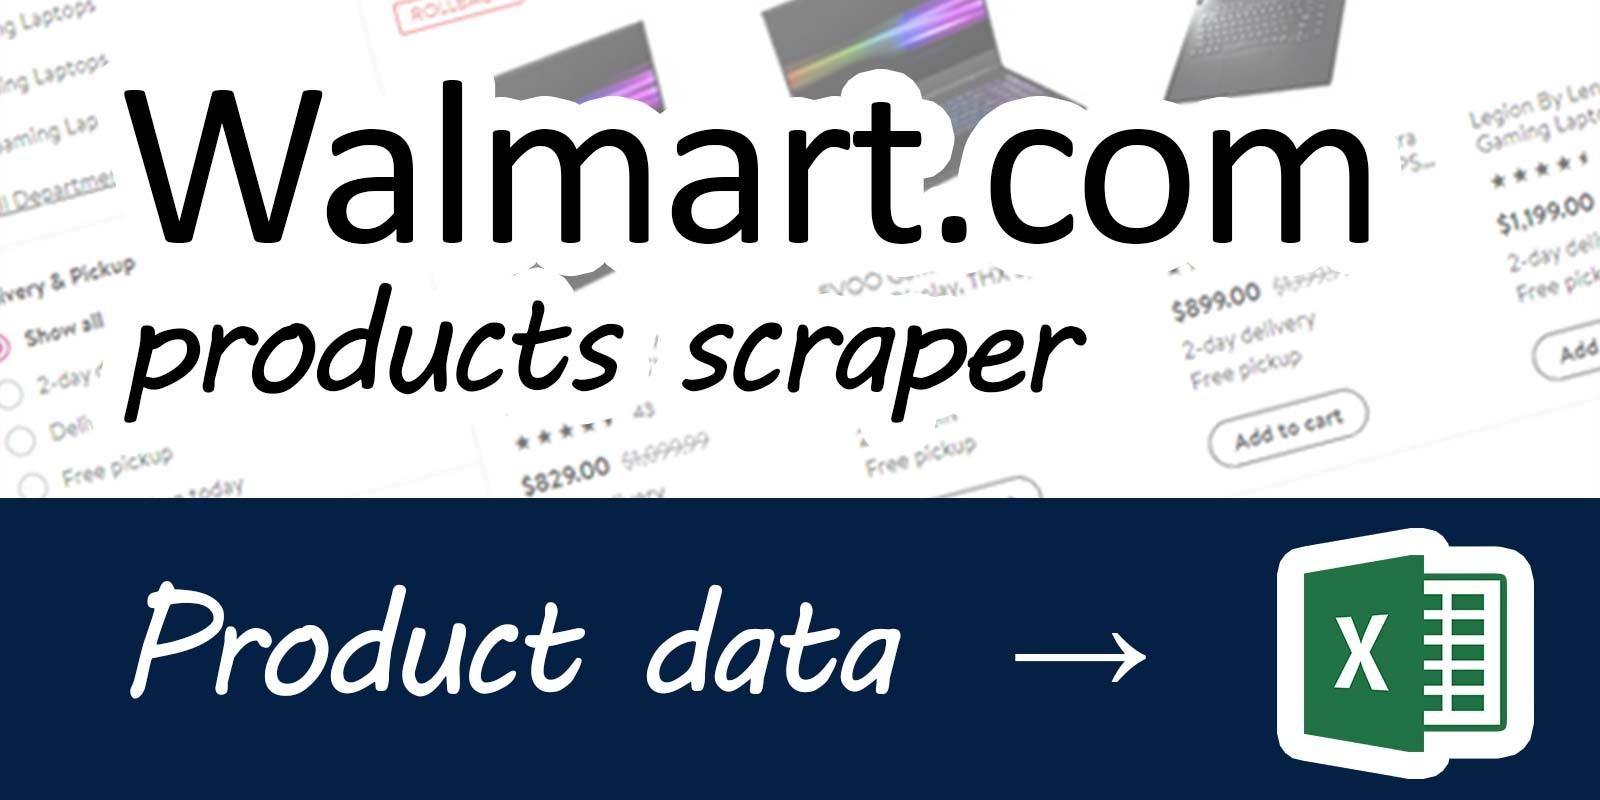 Walmart Scraper - .NET Source Code